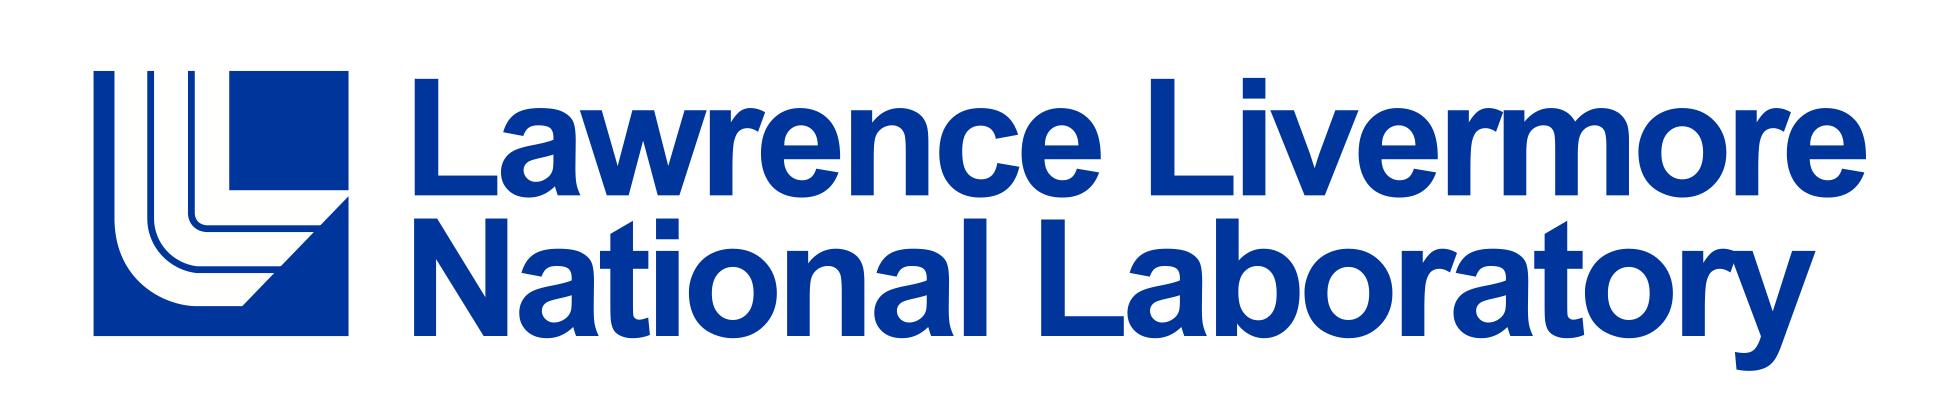 LLNL logo.png